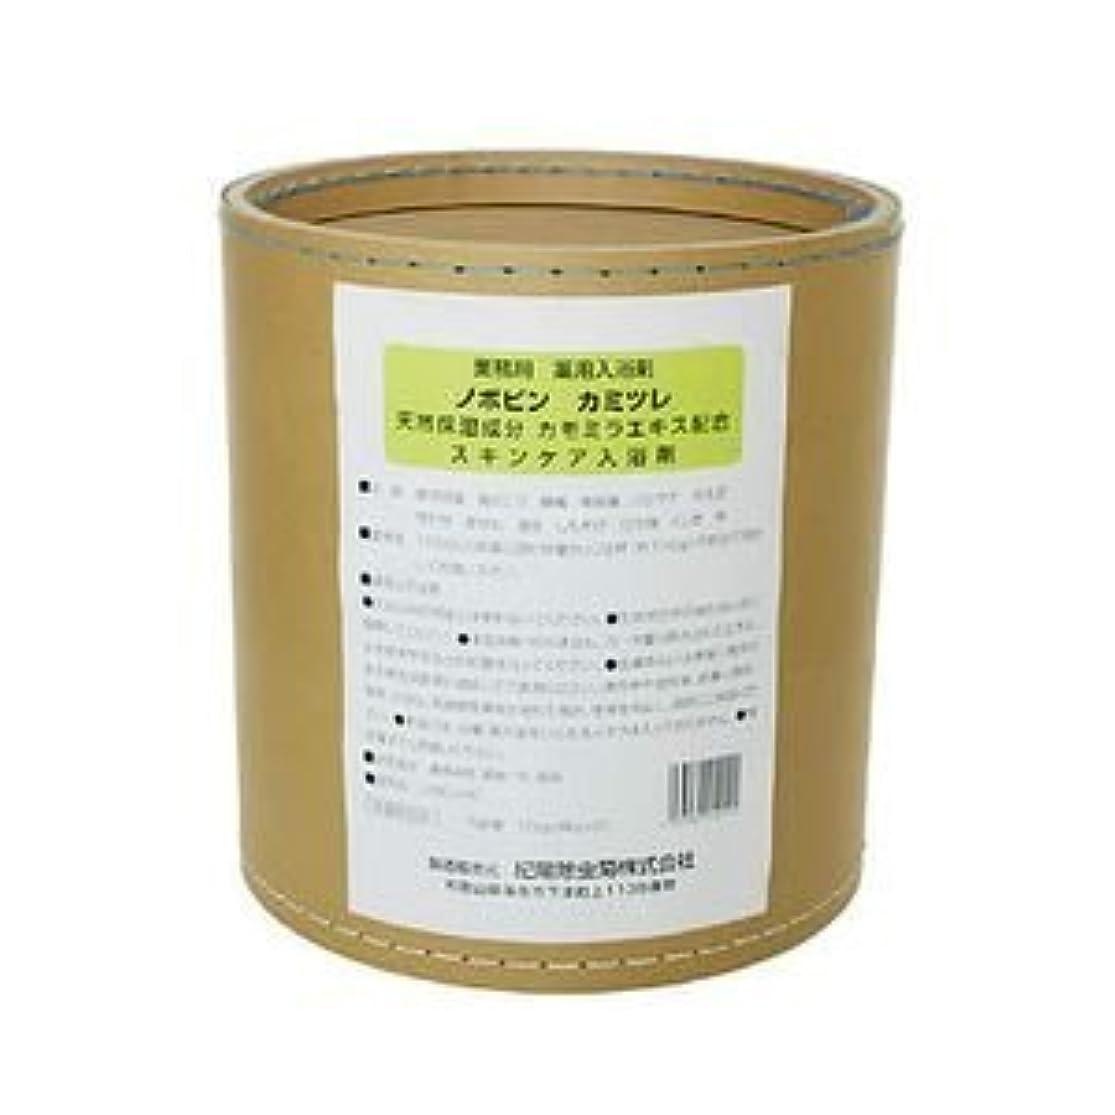 不合格ホーム付録業務用 バス 入浴剤 ノボピン カミツレ 16kg(8kg+2)